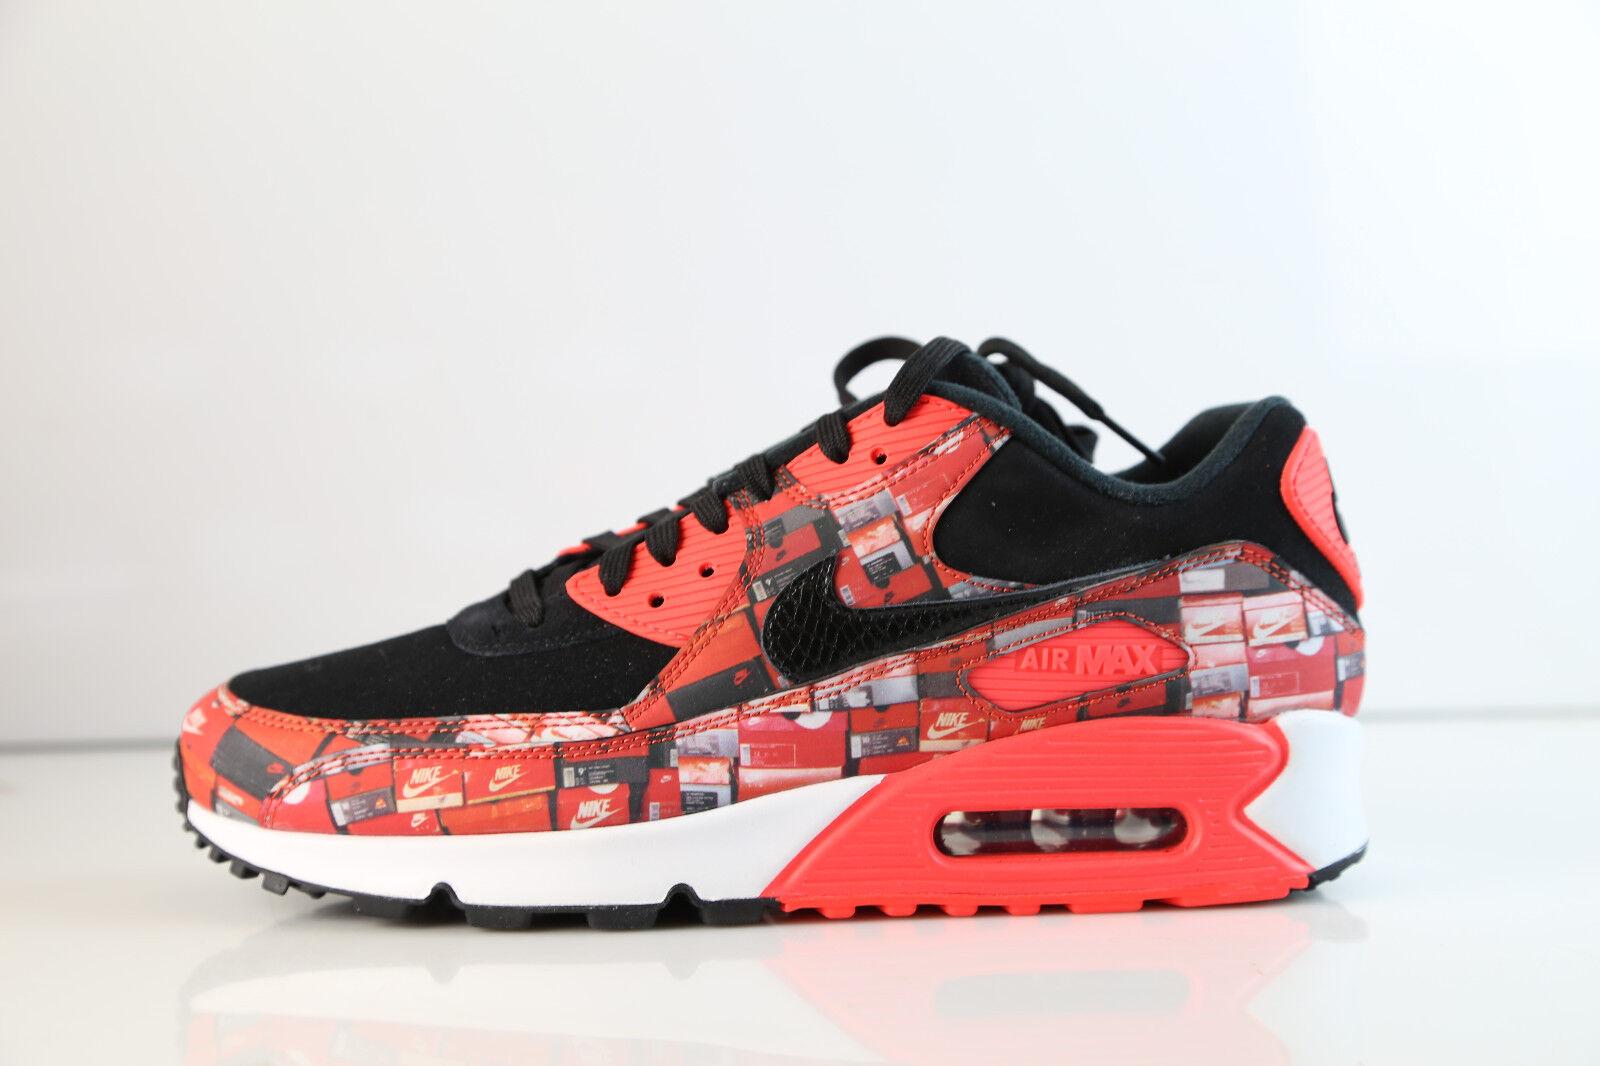 Nike Atmos Air Max 90 PRNT We Love Nike Black Bright Crimson AQO926-001 5-12 1